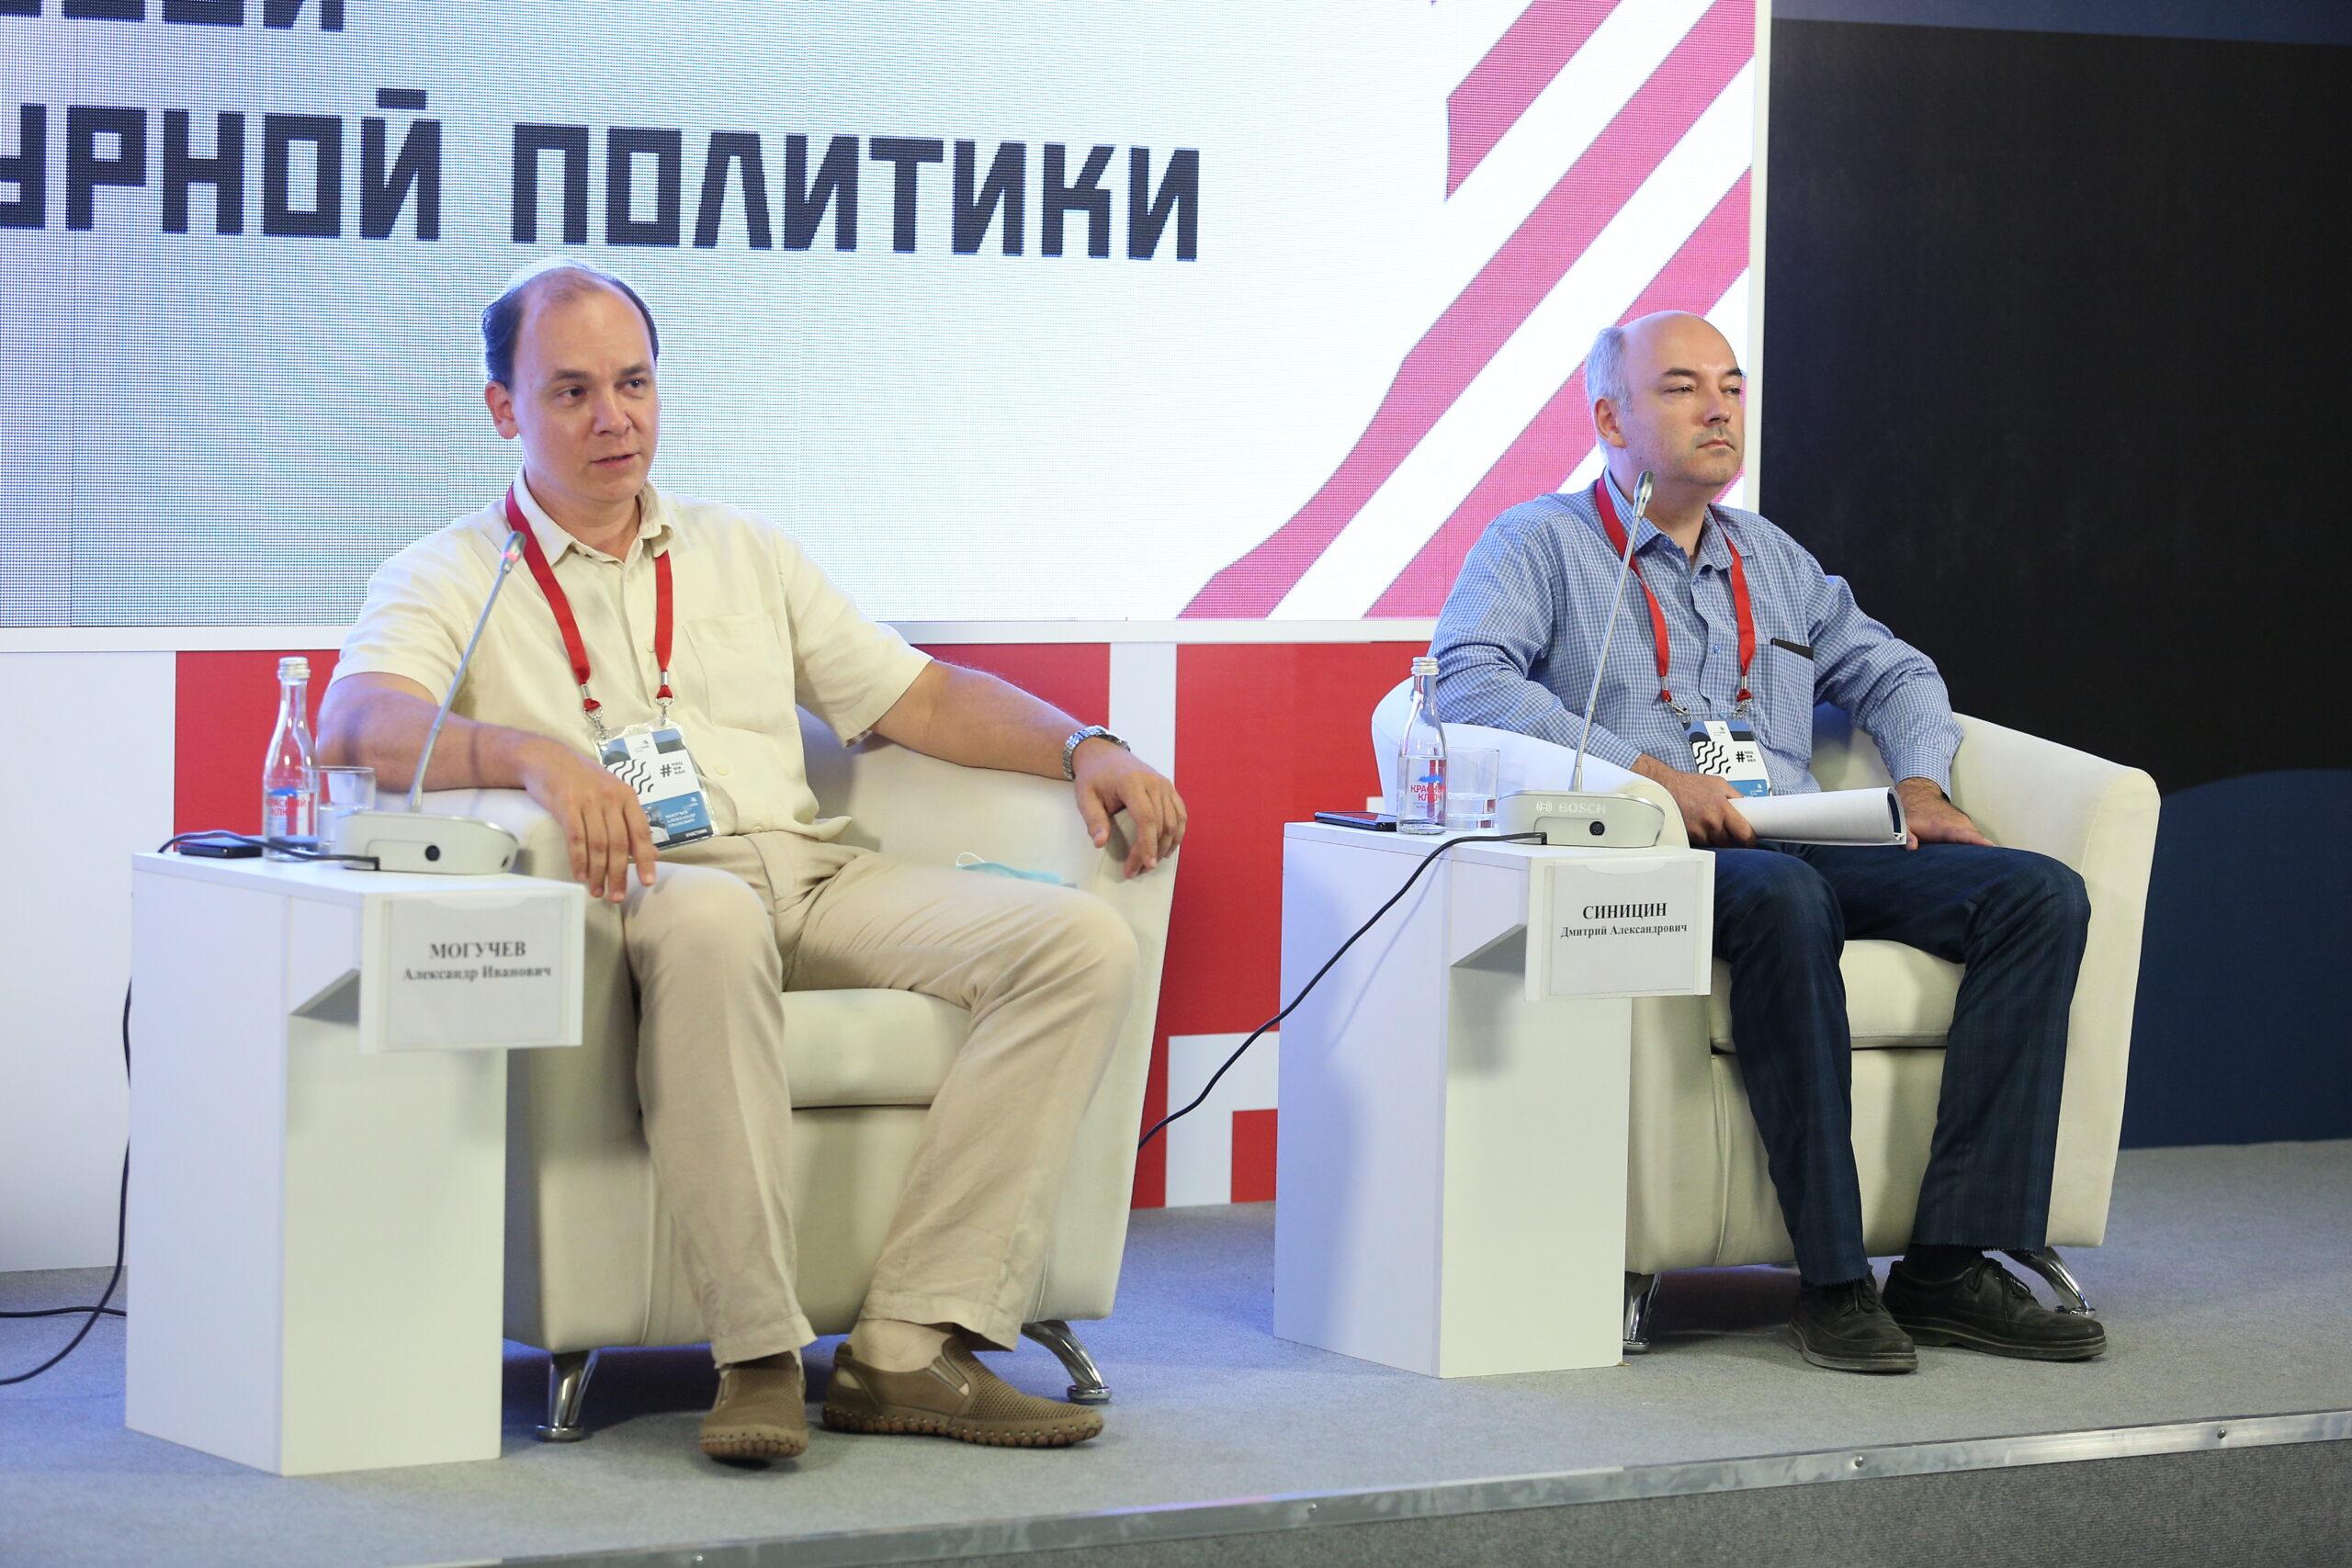 Астраханский журналист Александр Алымов провел панельную сессию в Уфе